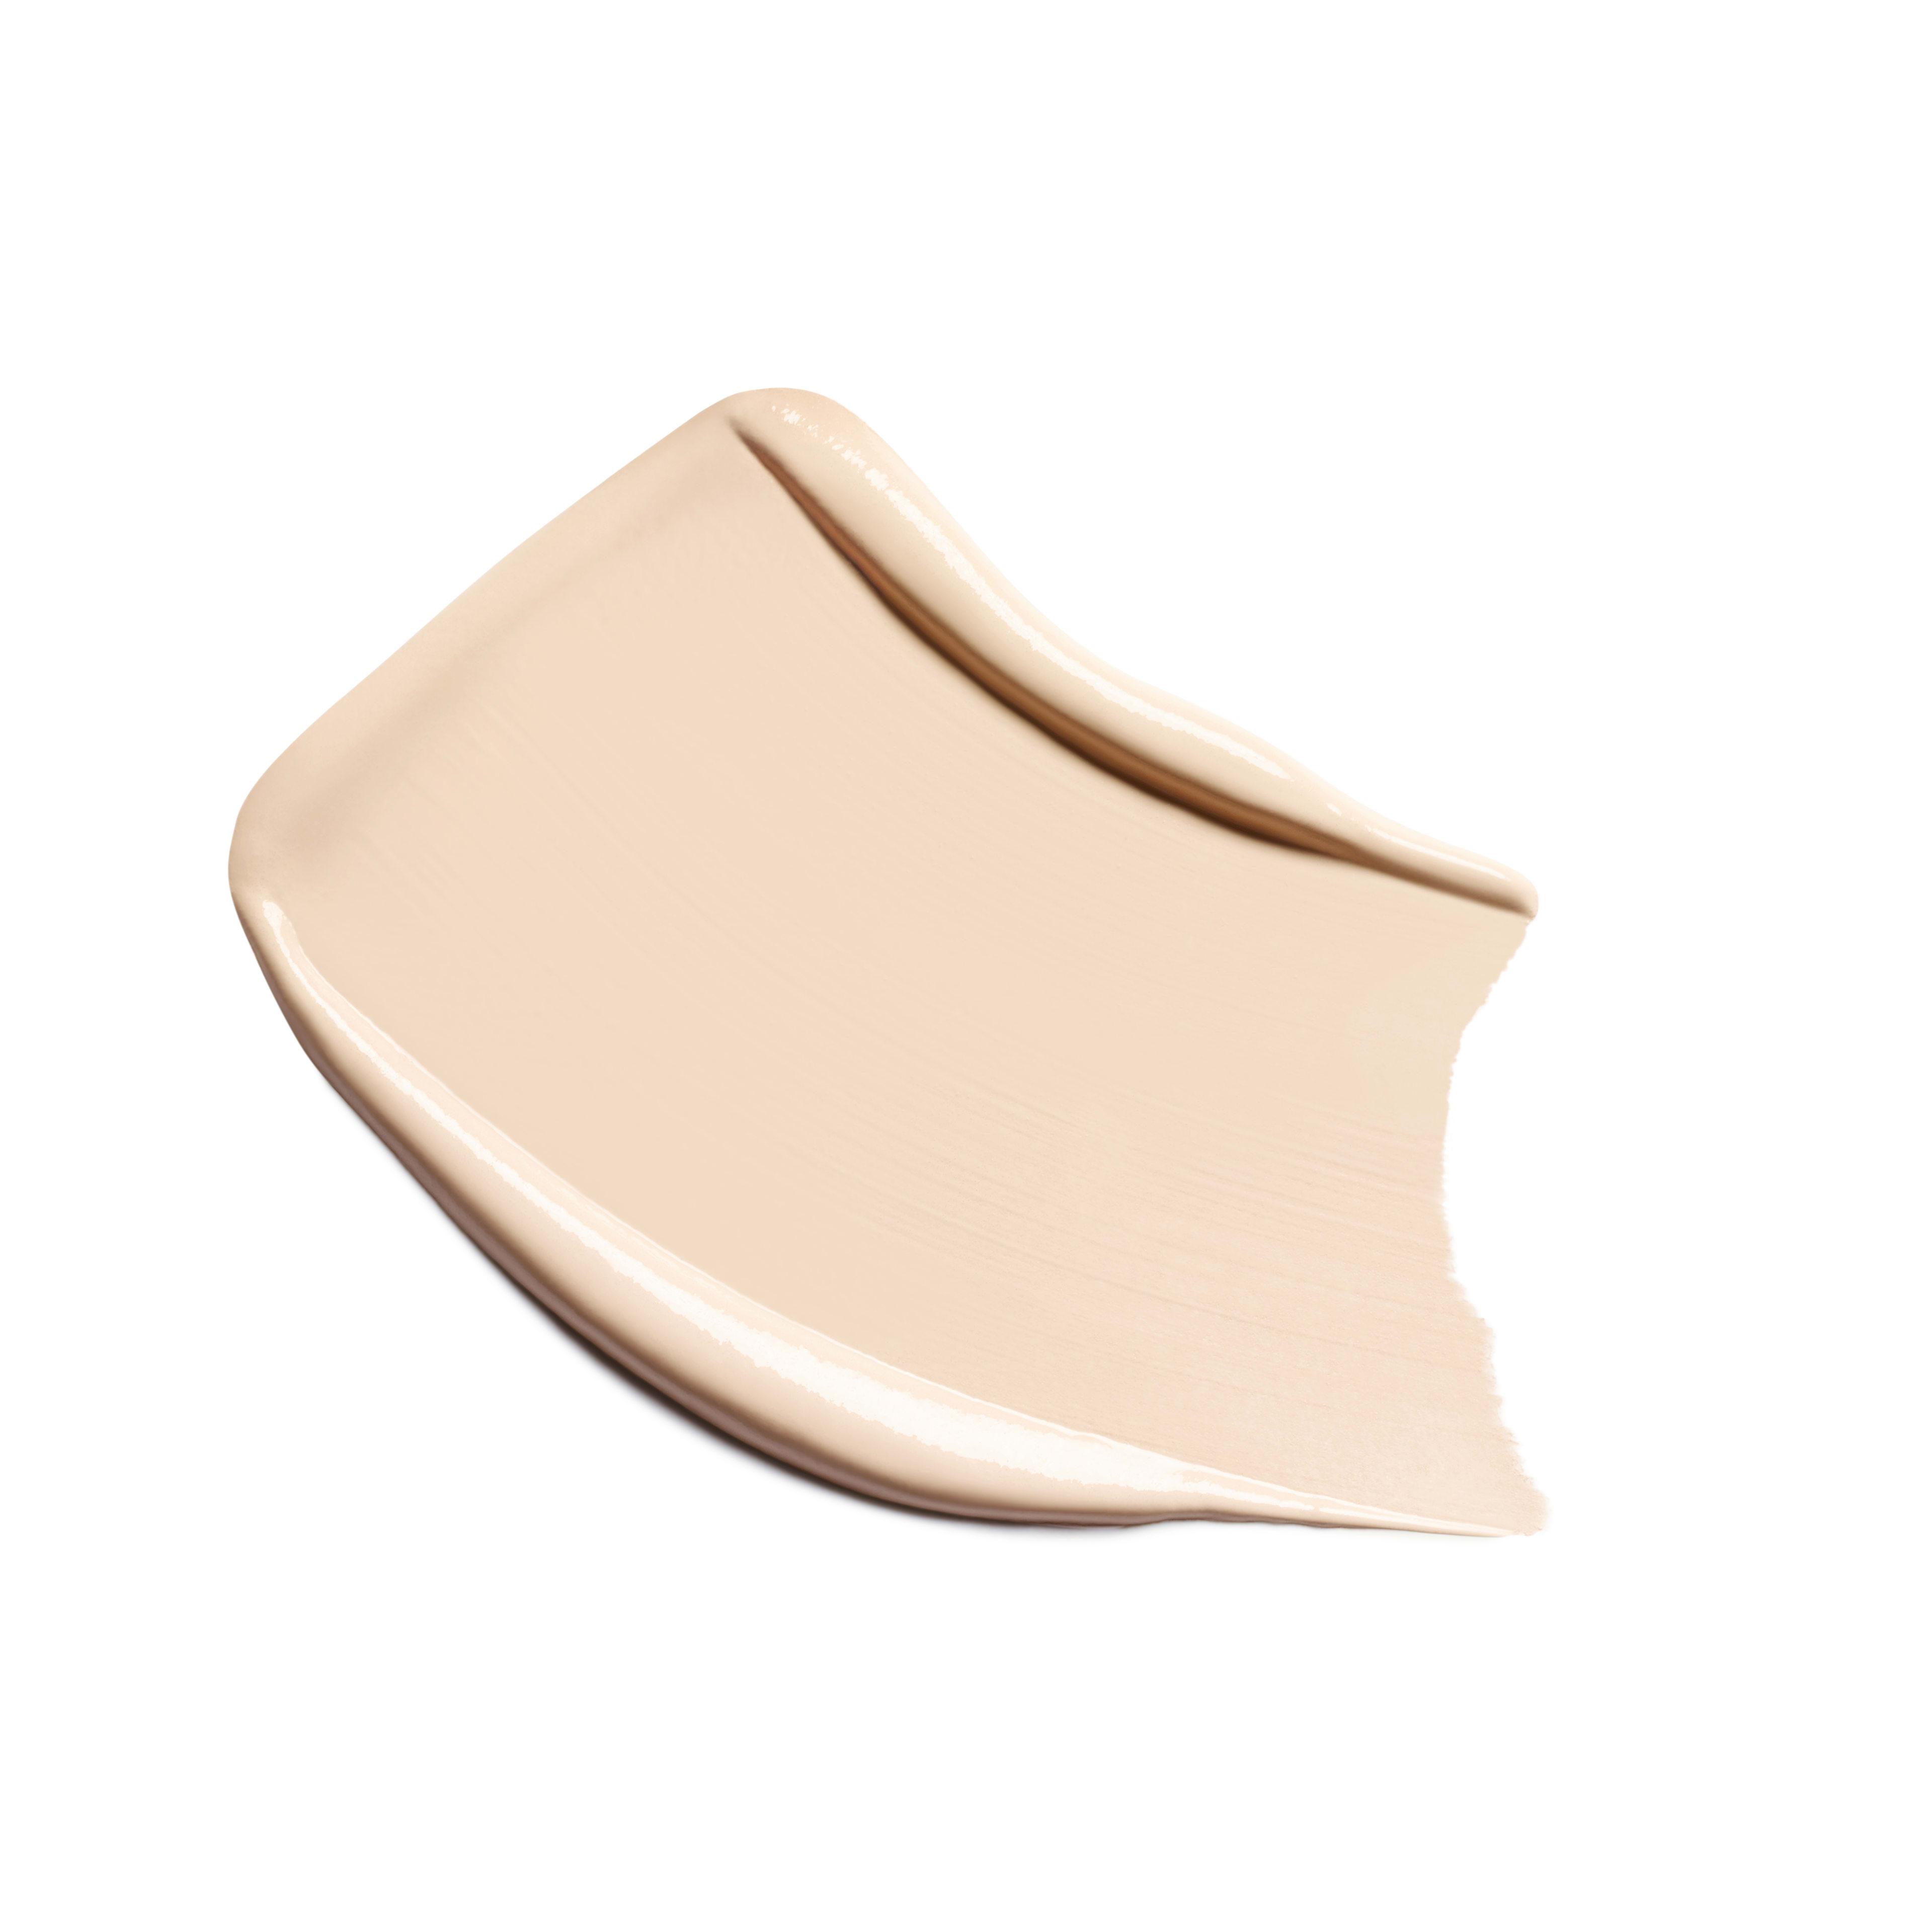 LE CORRECTEUR DE CHANEL - makeup - 7.5g - Basic texture view